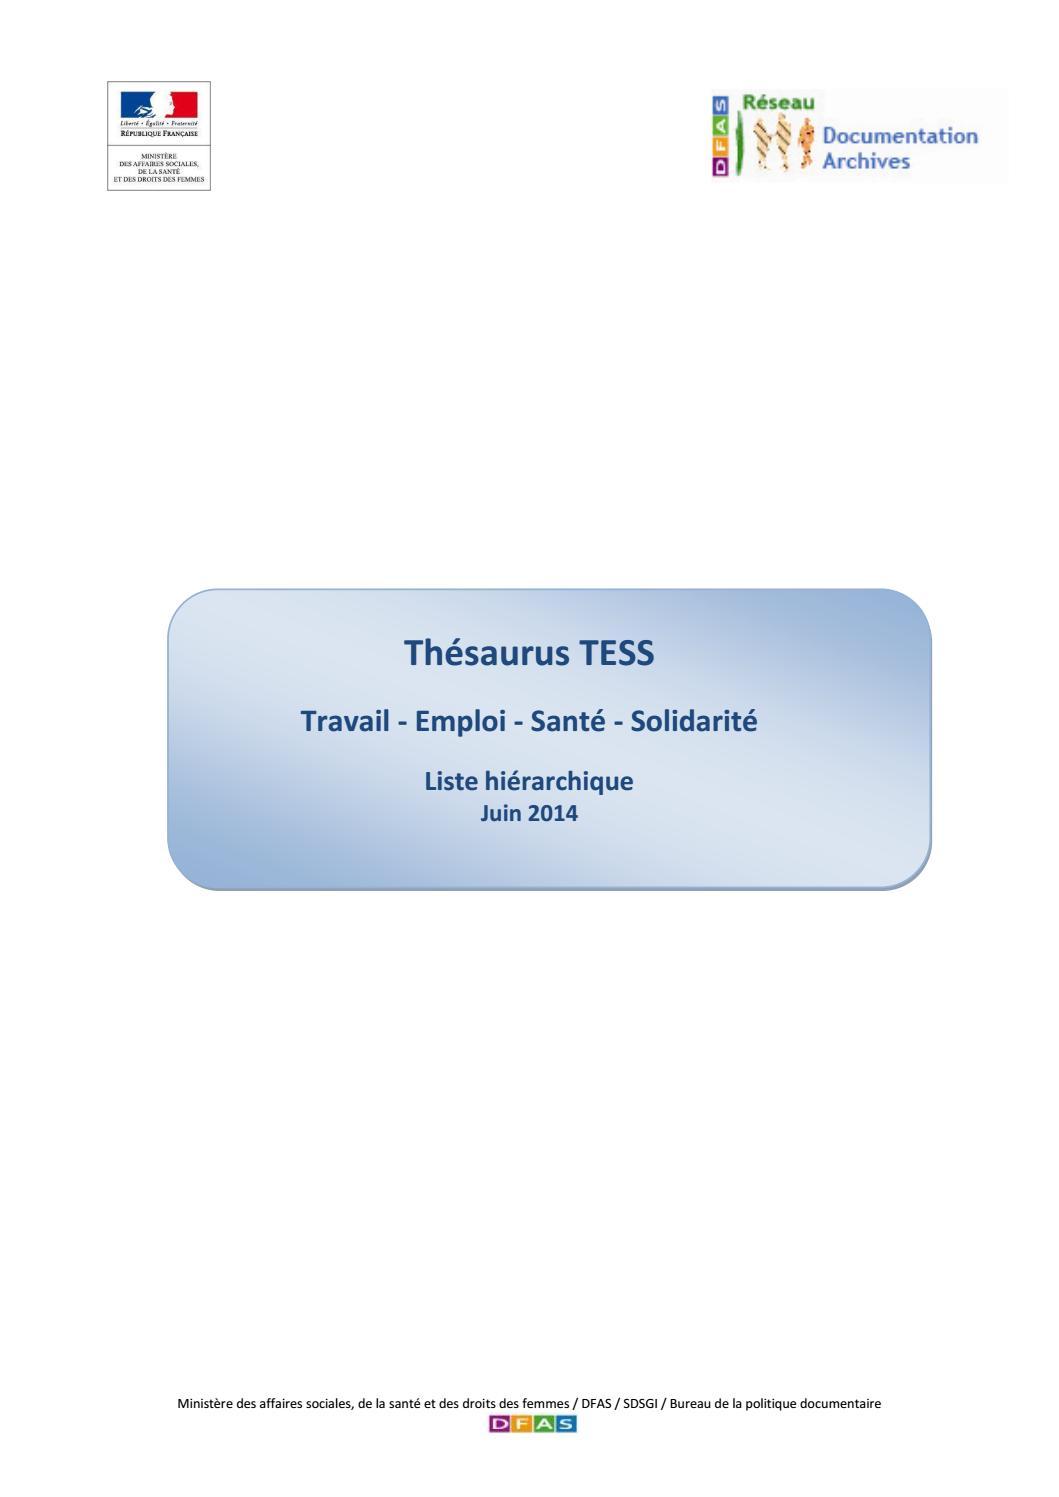 Thésaurus TESS liste hierarchique by Ministères sociaux - issuu 8ef5fee819b8